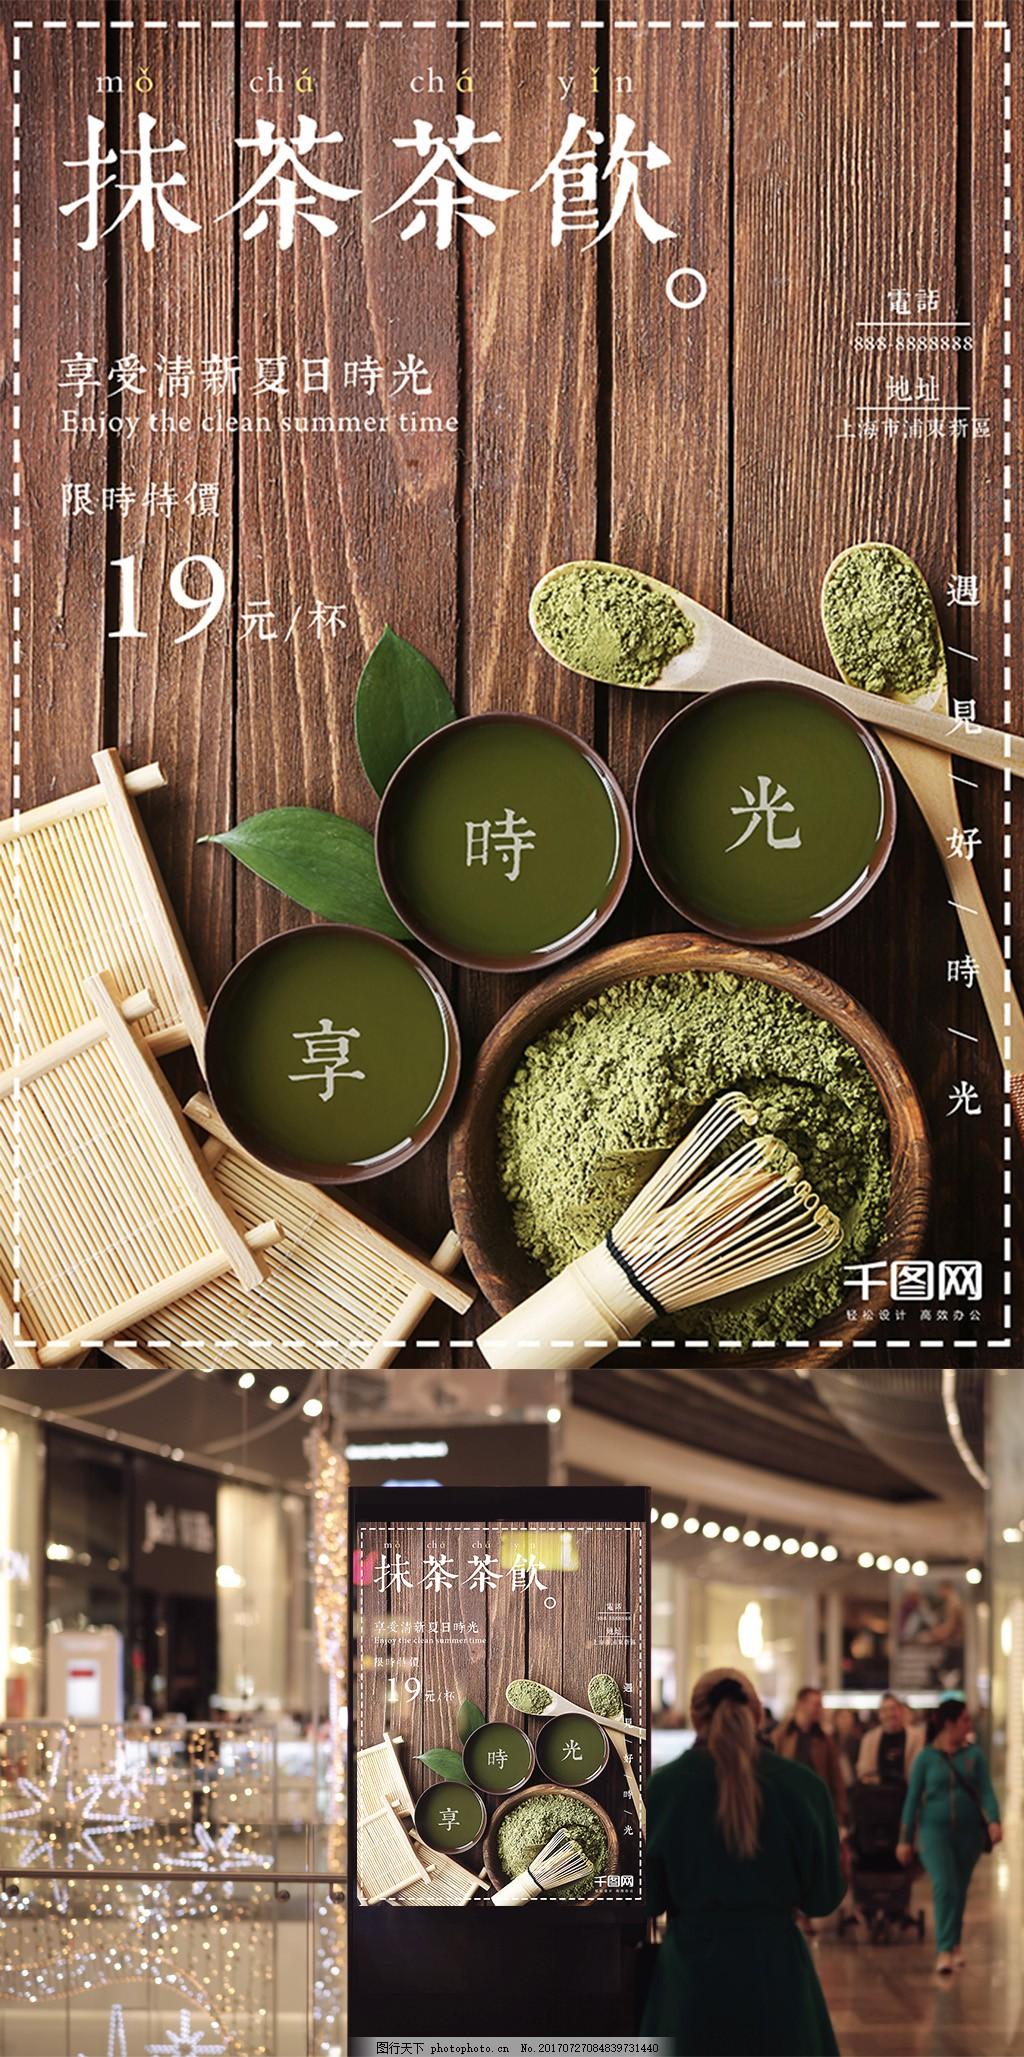 清新抹茶饮料茶叶促销商业海报设计 新茶上市 茶叶展架 茶叶海报